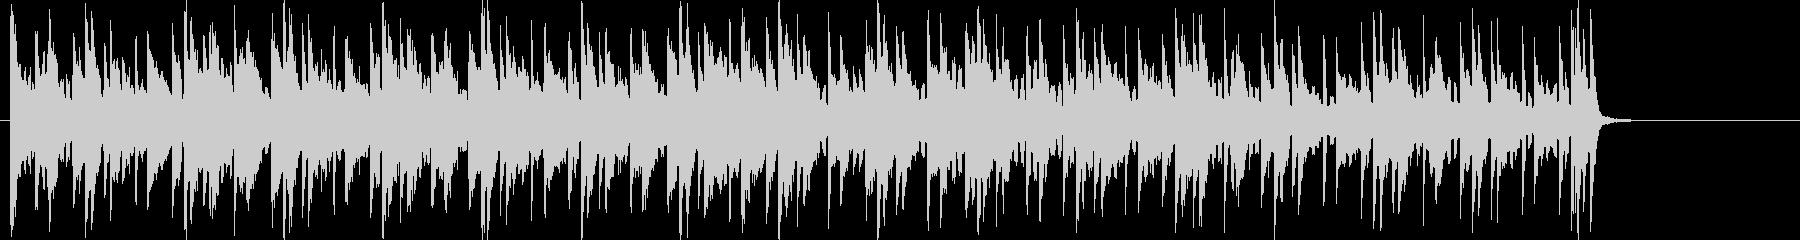 デジタルテクノ感あるBGMの未再生の波形